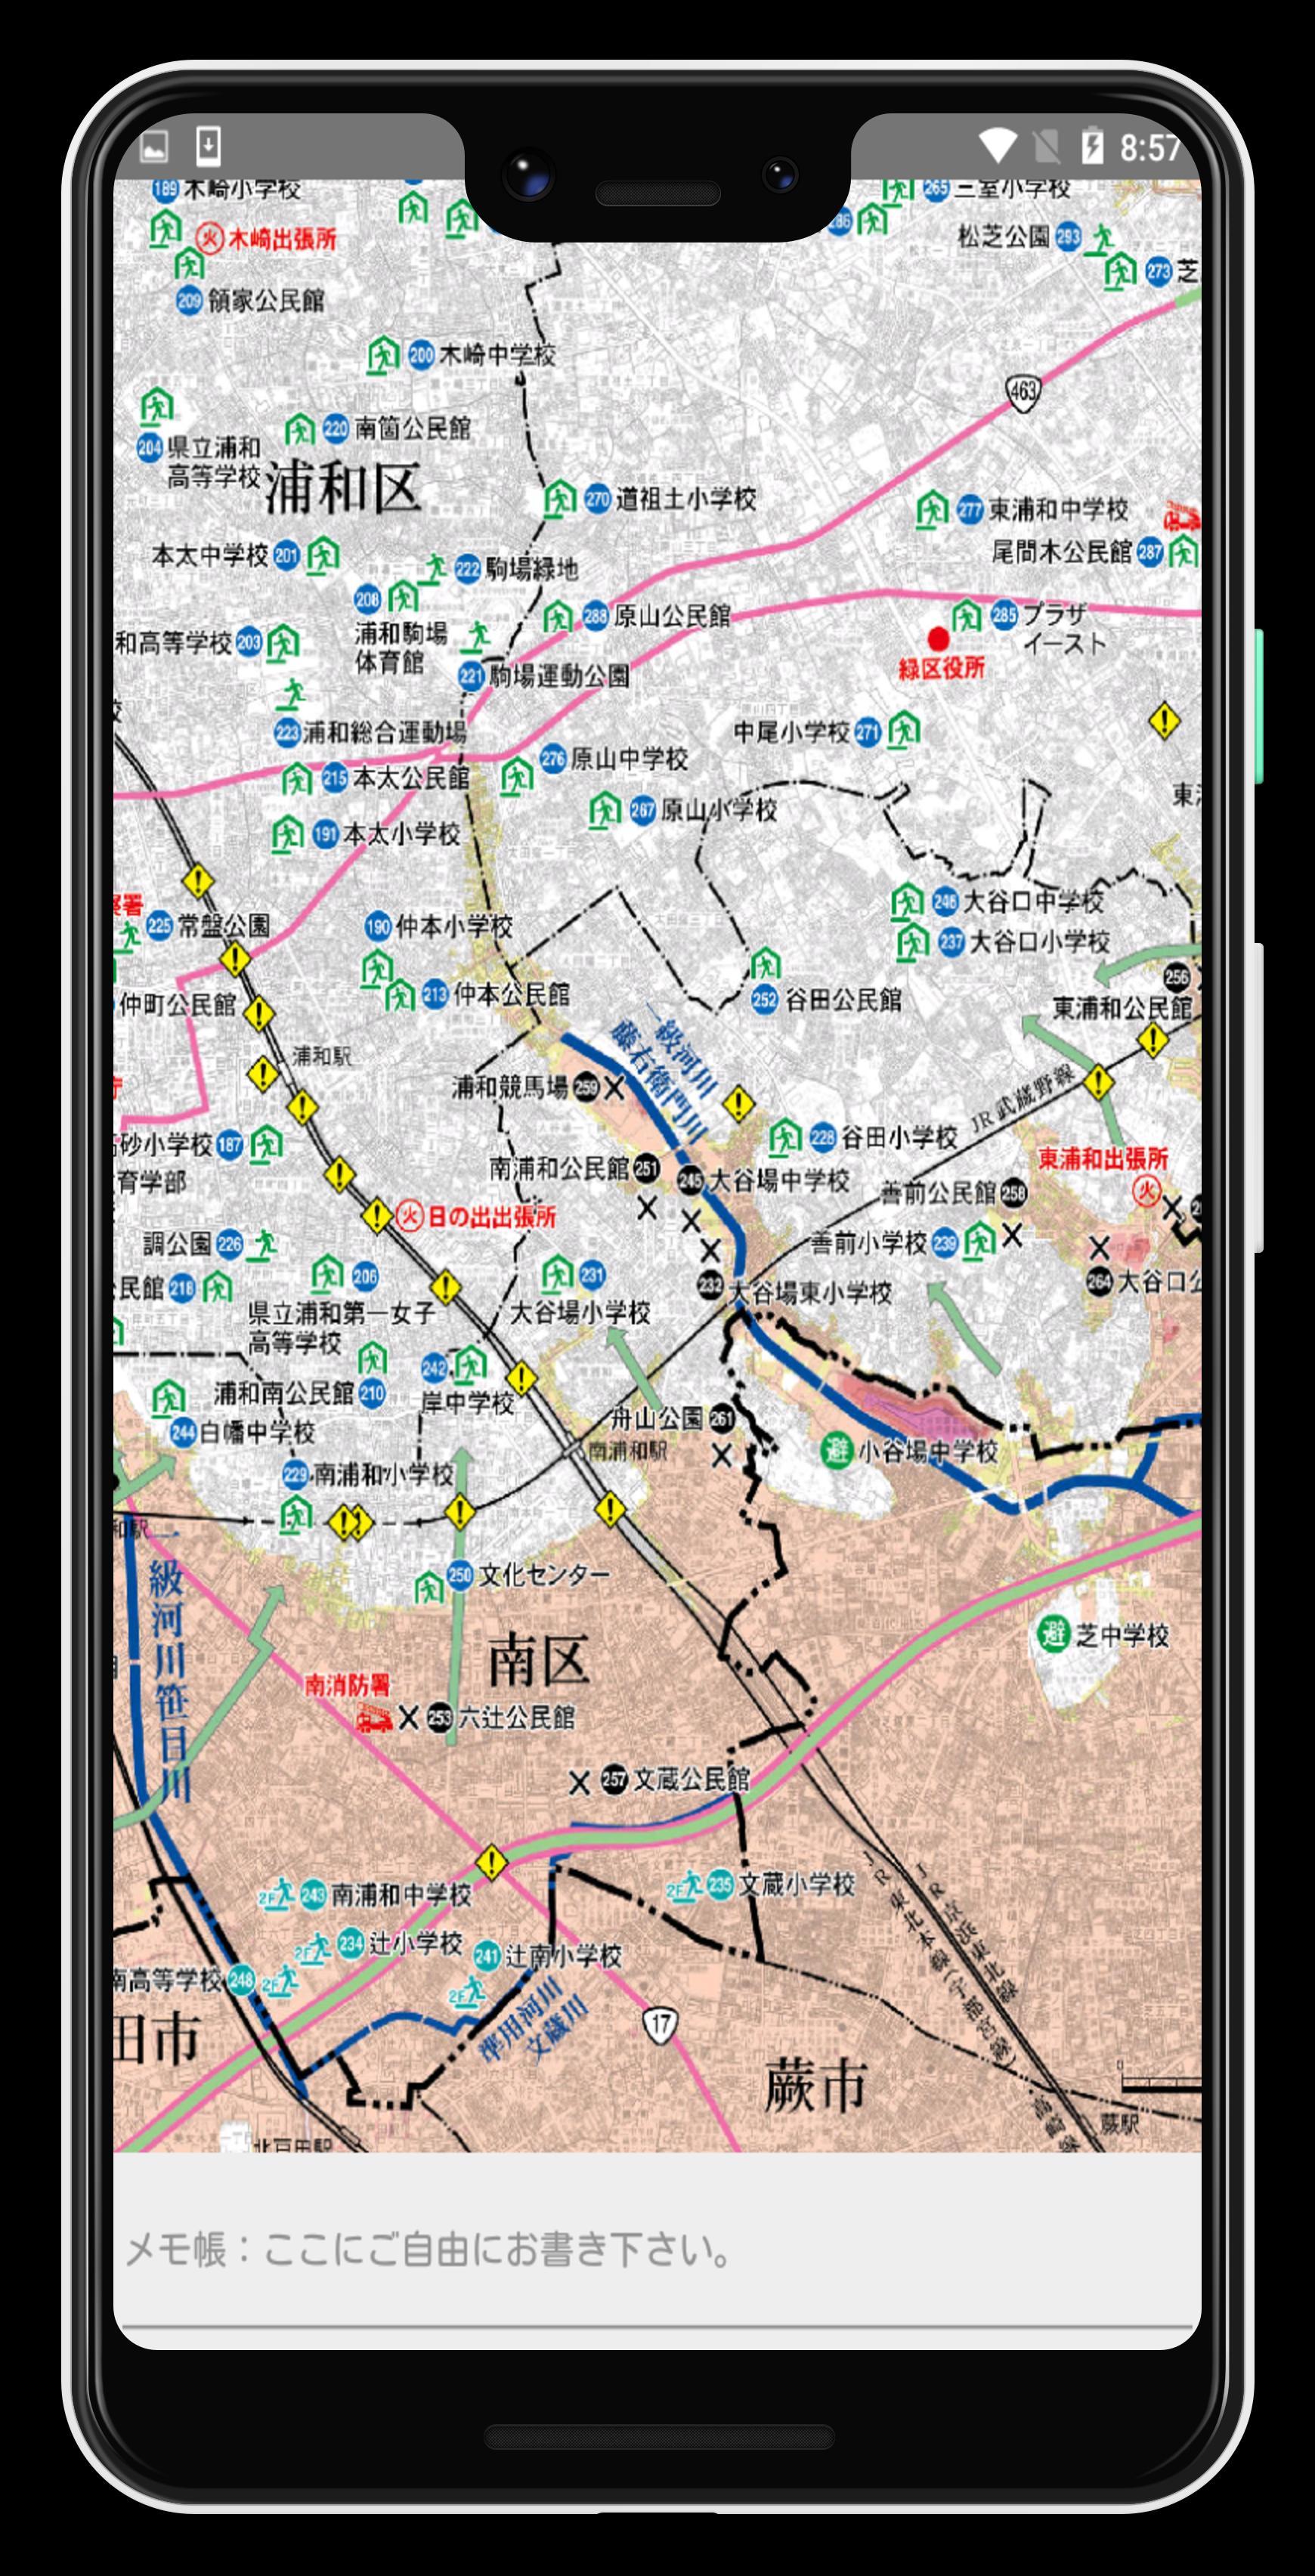 ハザード さいたま マップ 南 区 市 さいたま市地図情報 -